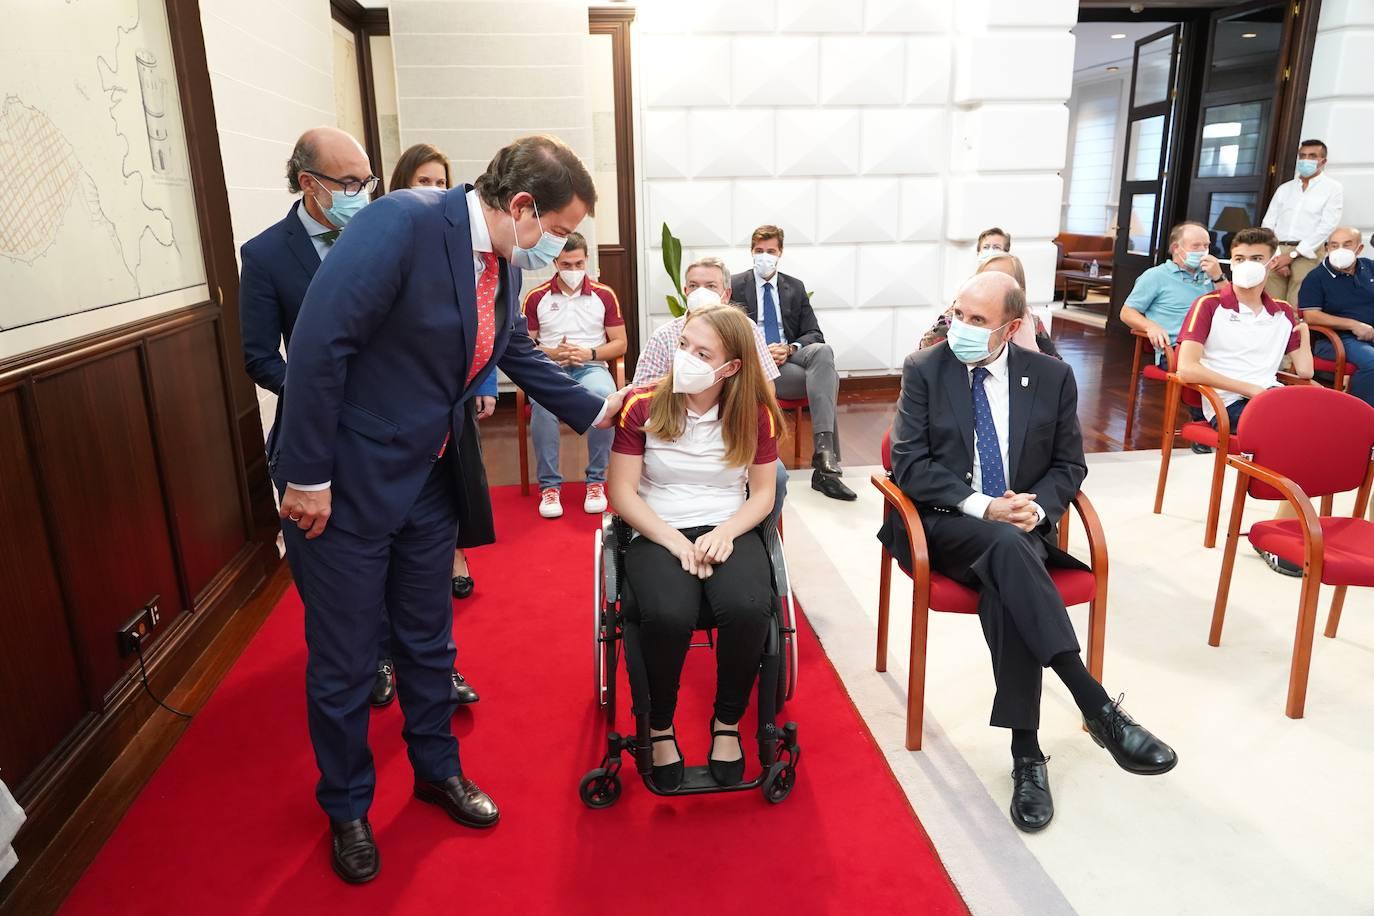 El presidente de la Junta, Alfonso Fernández Mañueco, se interesa por las medallas de Marta Fernández, junto a Luis Huerta. MIRIAM CHACÓN-ICAL